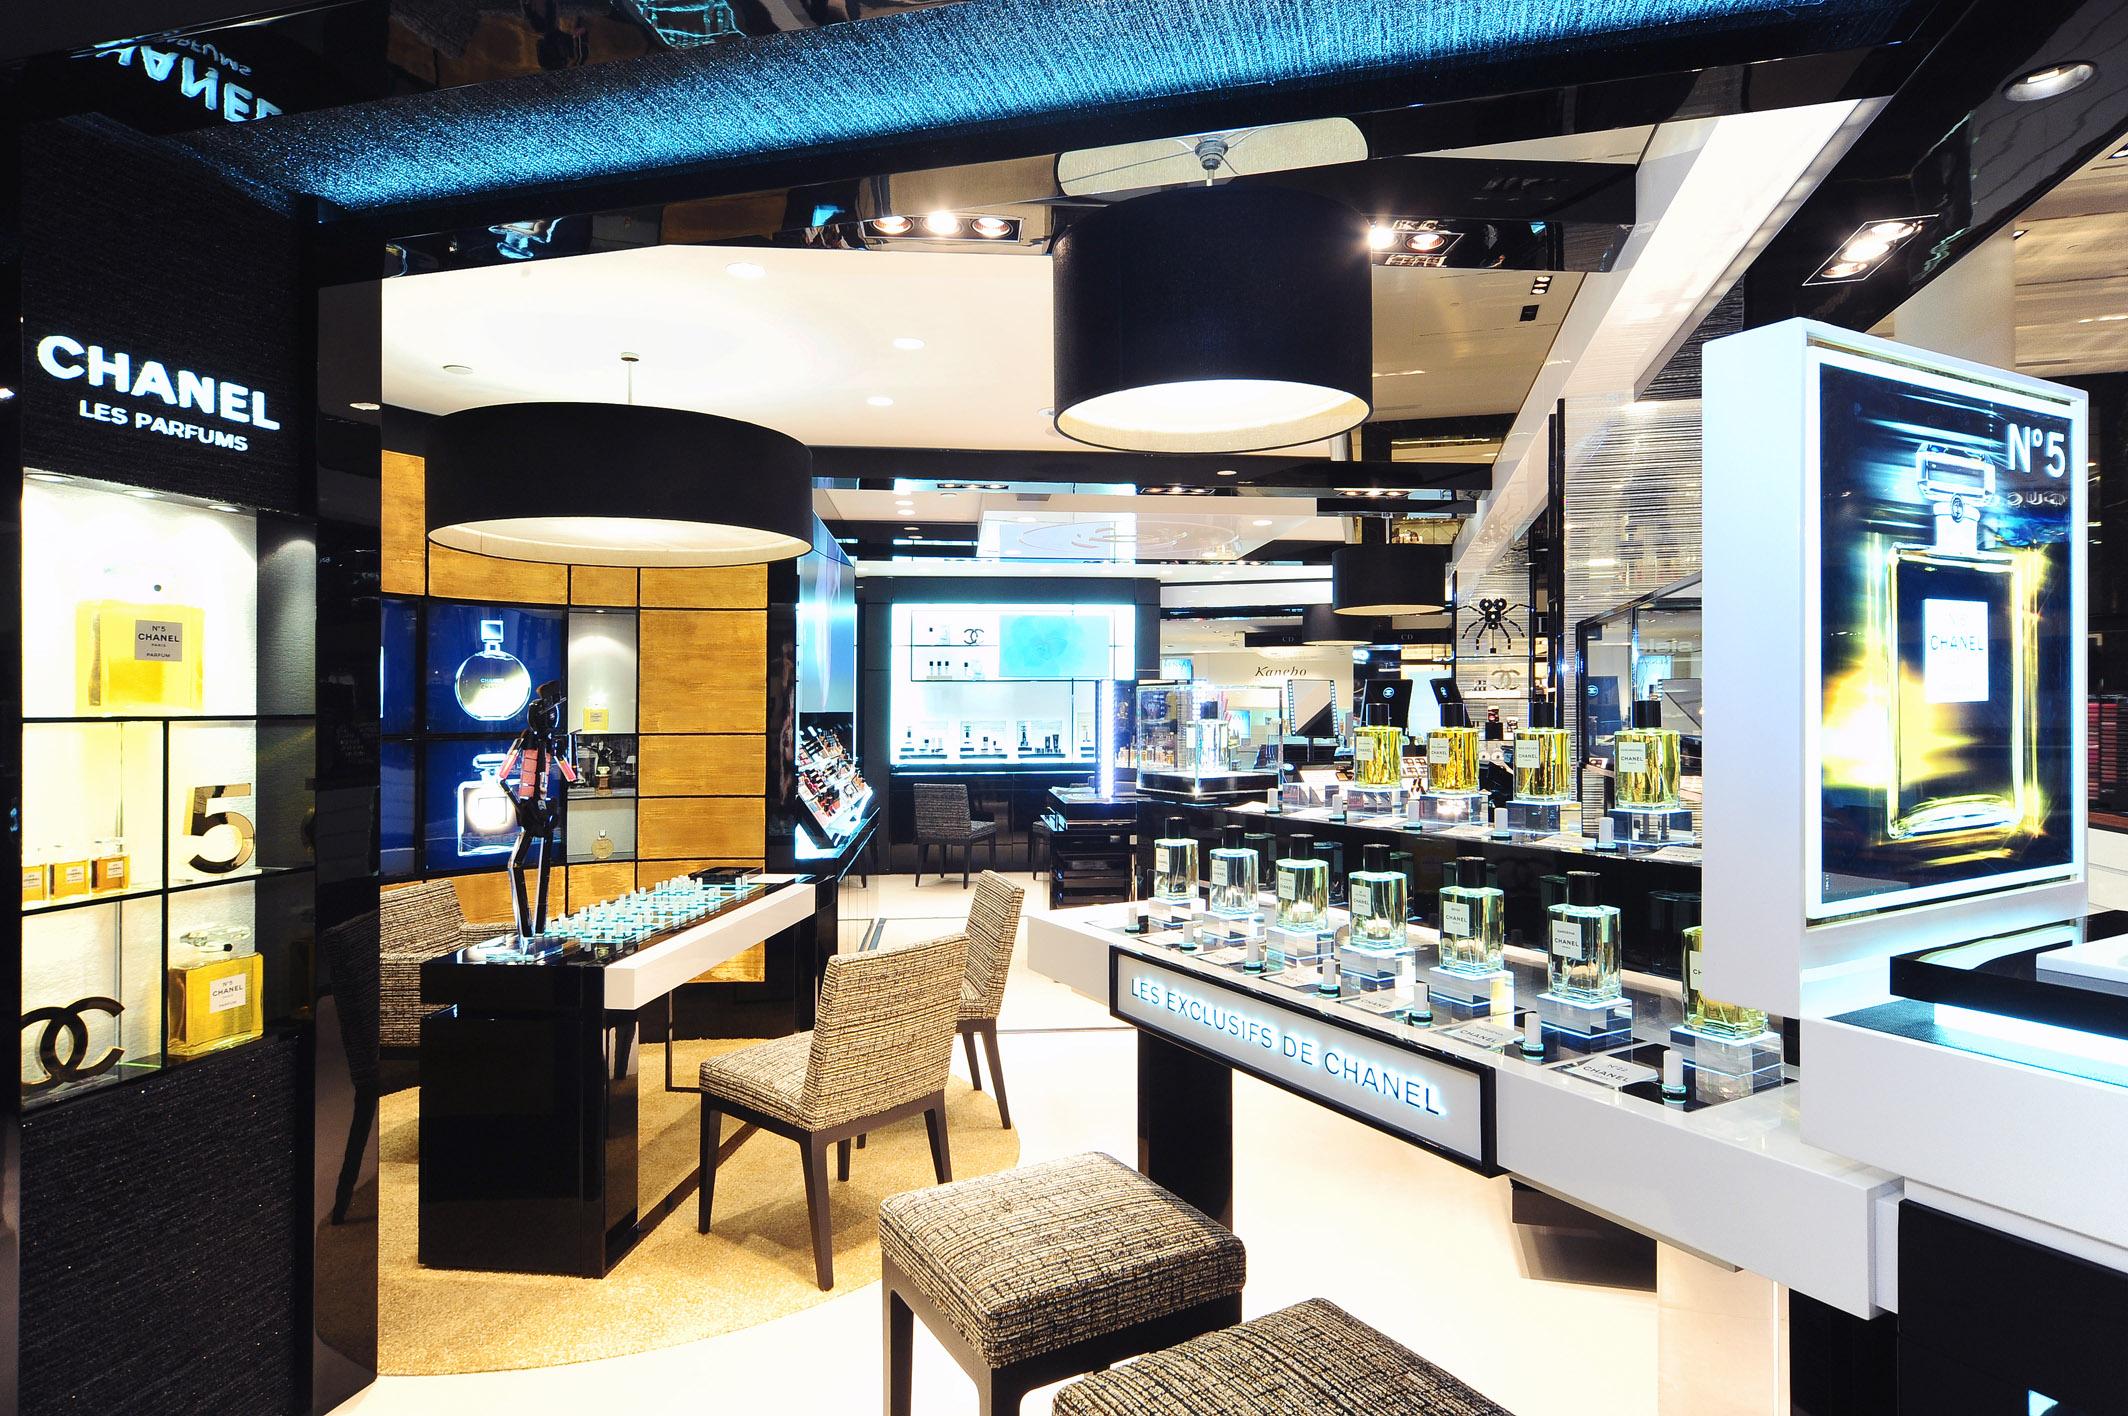 Nuovo espace chanel in rinascente duomo a milano modaonlive for Chanel milano boutique